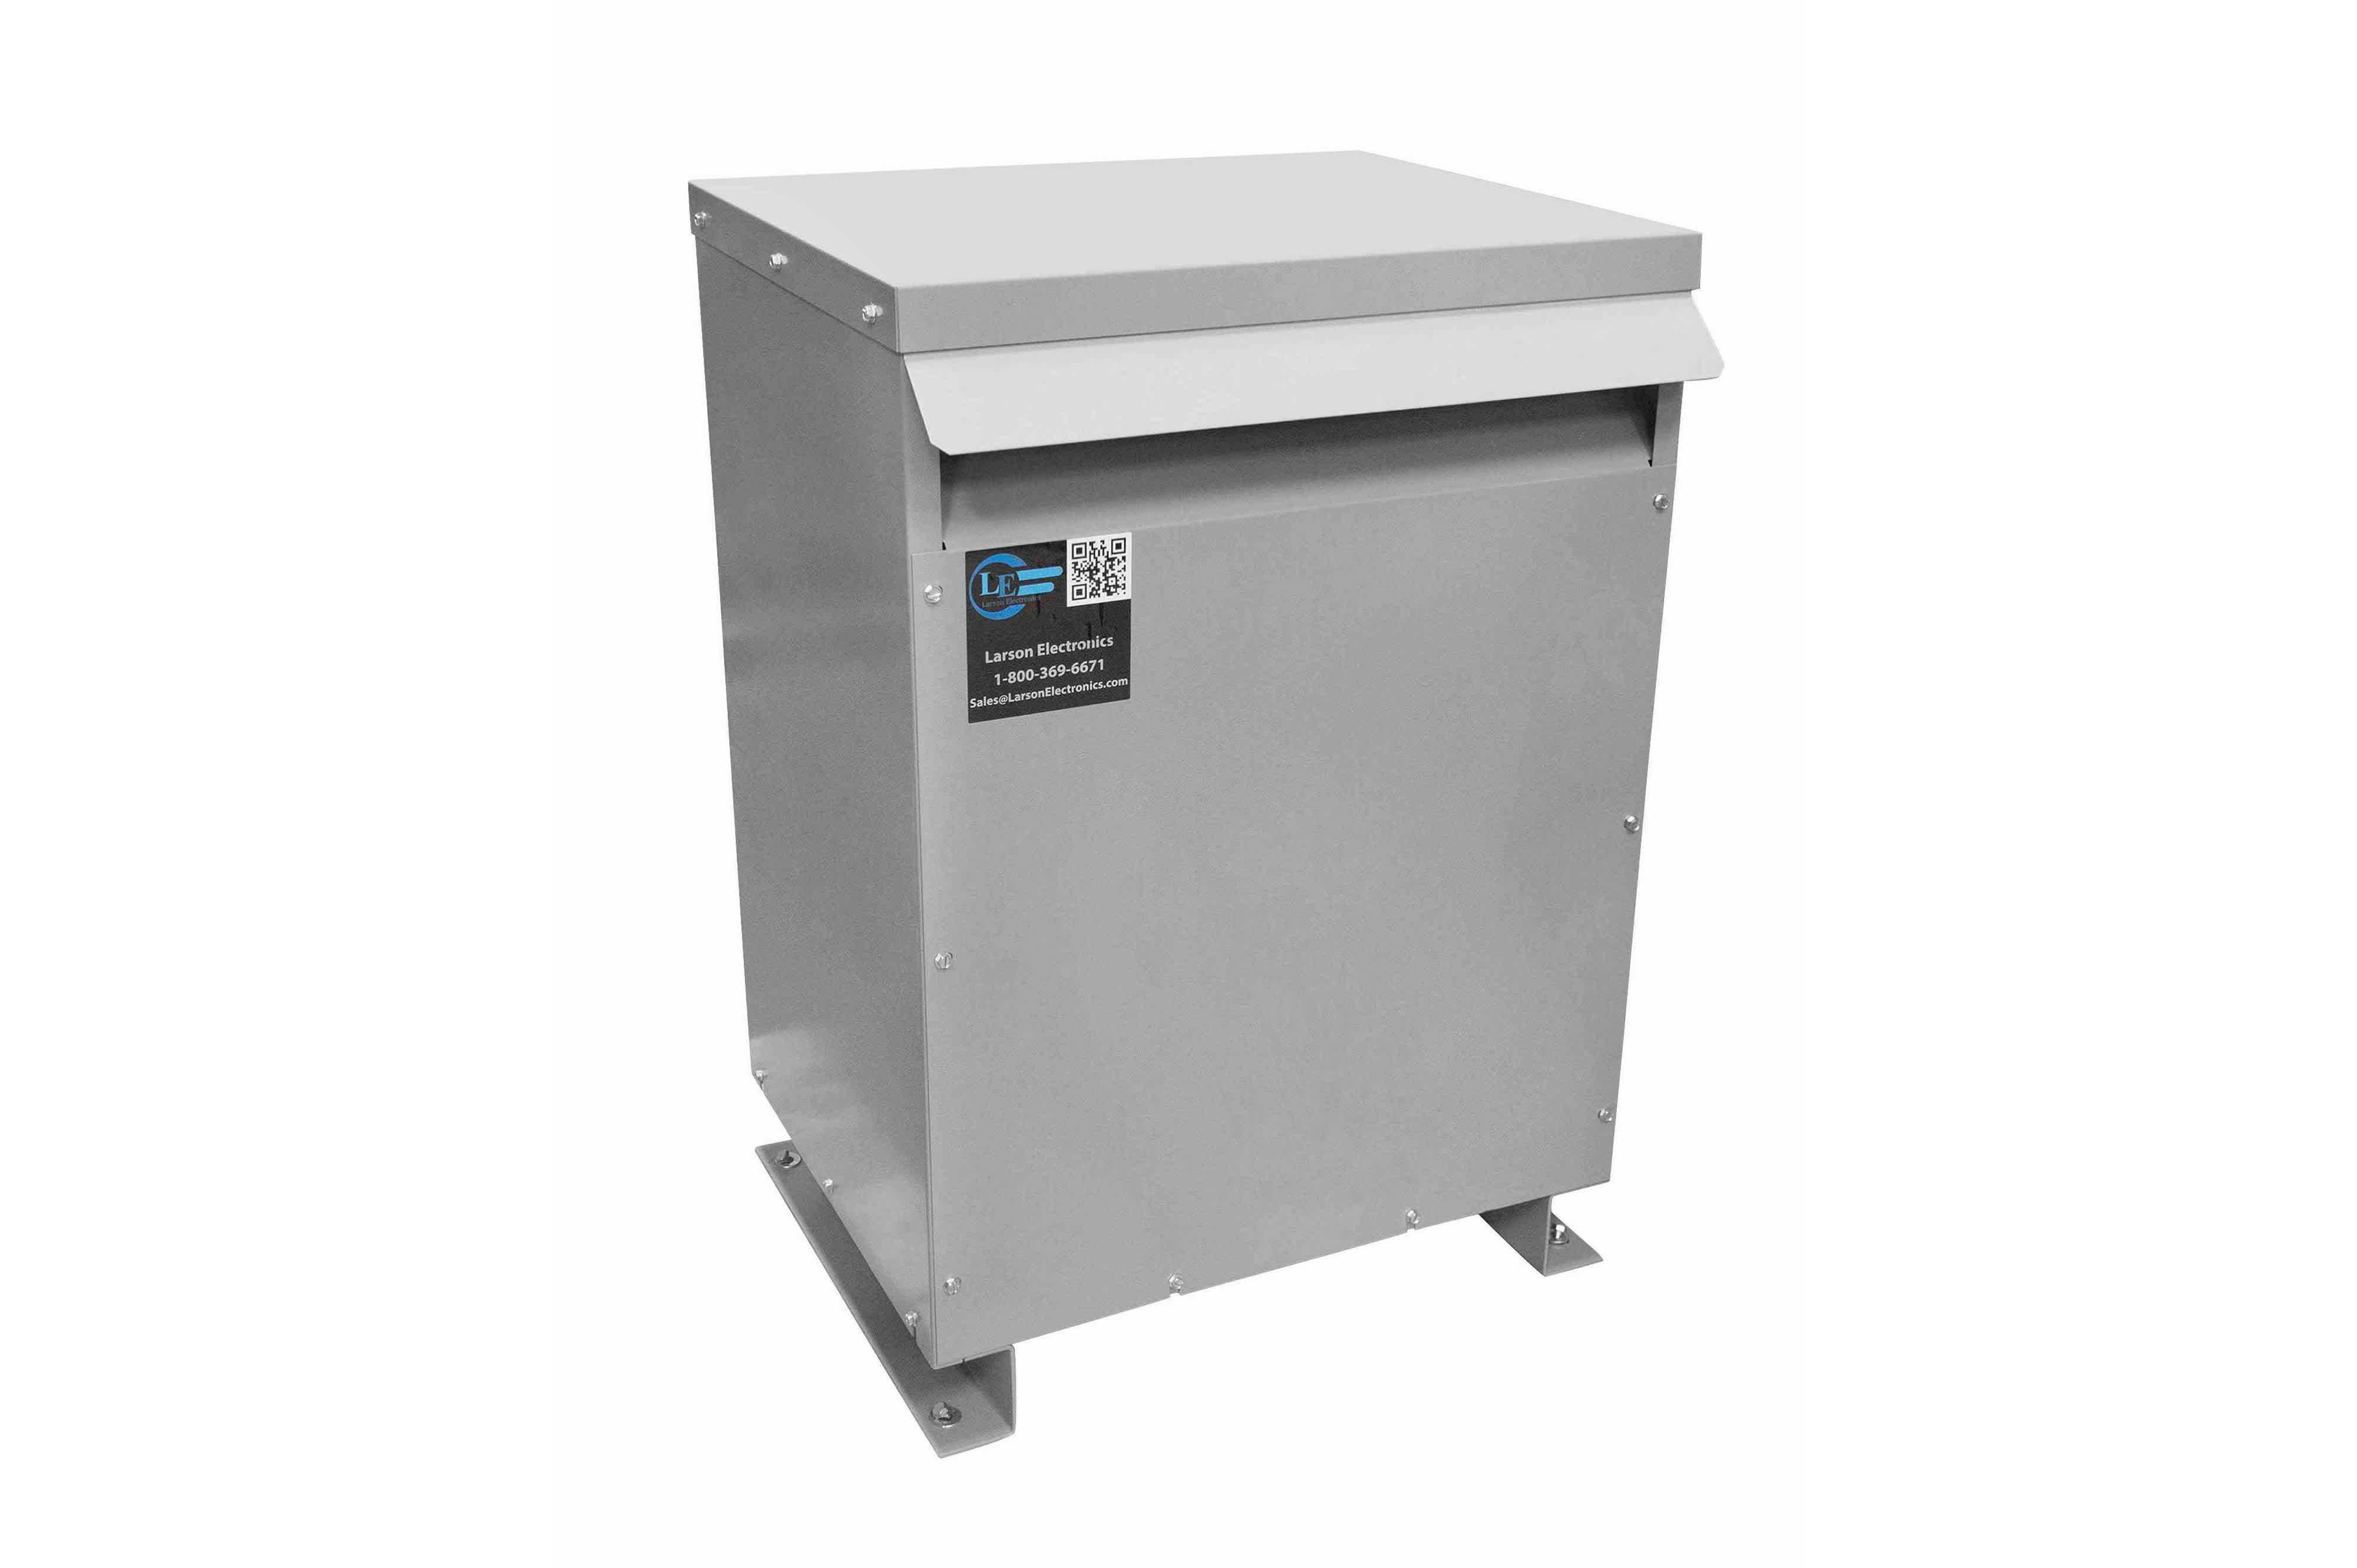 500 kVA 3PH Isolation Transformer, 380V Delta Primary, 600V Delta Secondary, N3R, Ventilated, 60 Hz